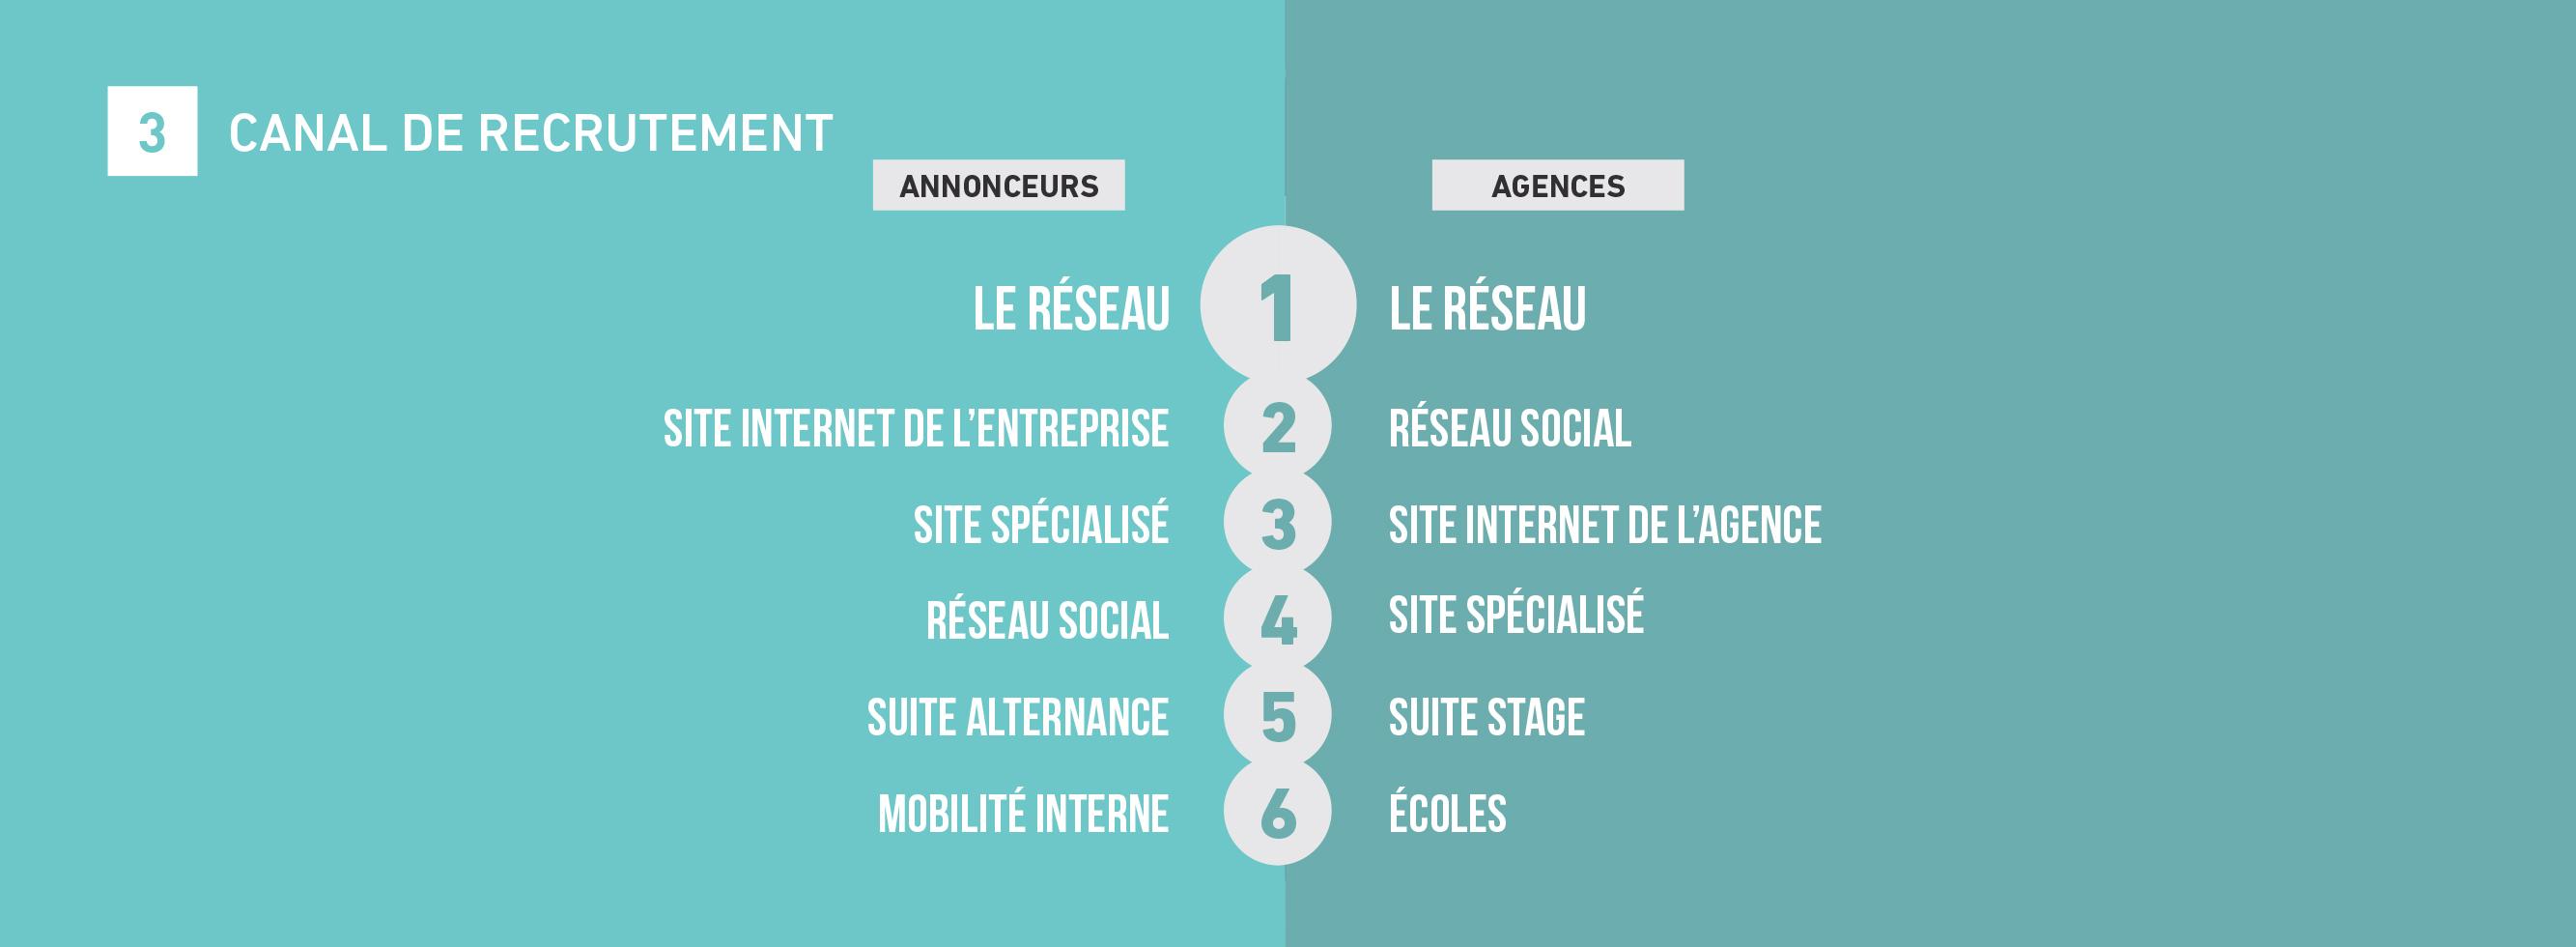 tendances-emploi-publicite-agences-annonceurs-barometre-metiers-communication-2018-sup-de-com-canal-recrutement